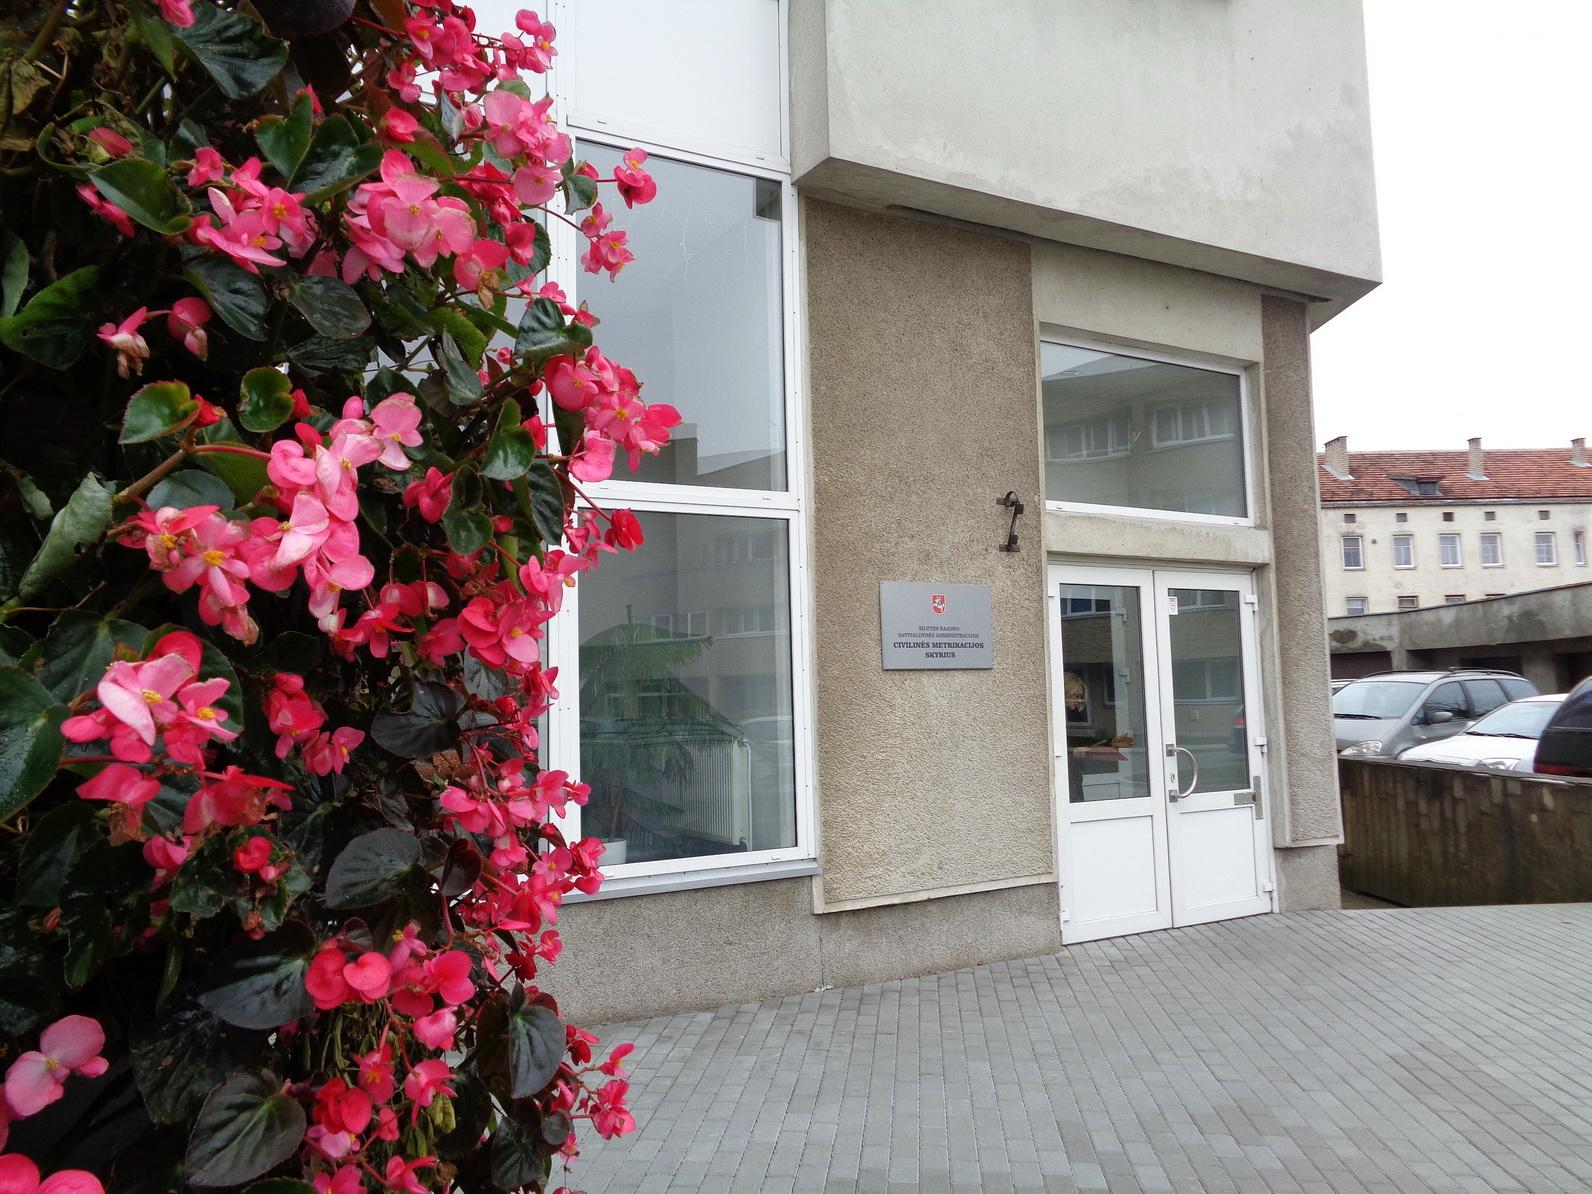 Savivaldybė pasirūpino teritorija prie Civilinės metrikacijos skyriaus: įrengta erdvi automobilių stovėjimo aikštelė, trinkelėmis išgrįstas kiemas, aplinką tebepuošia gėlių kupolai.